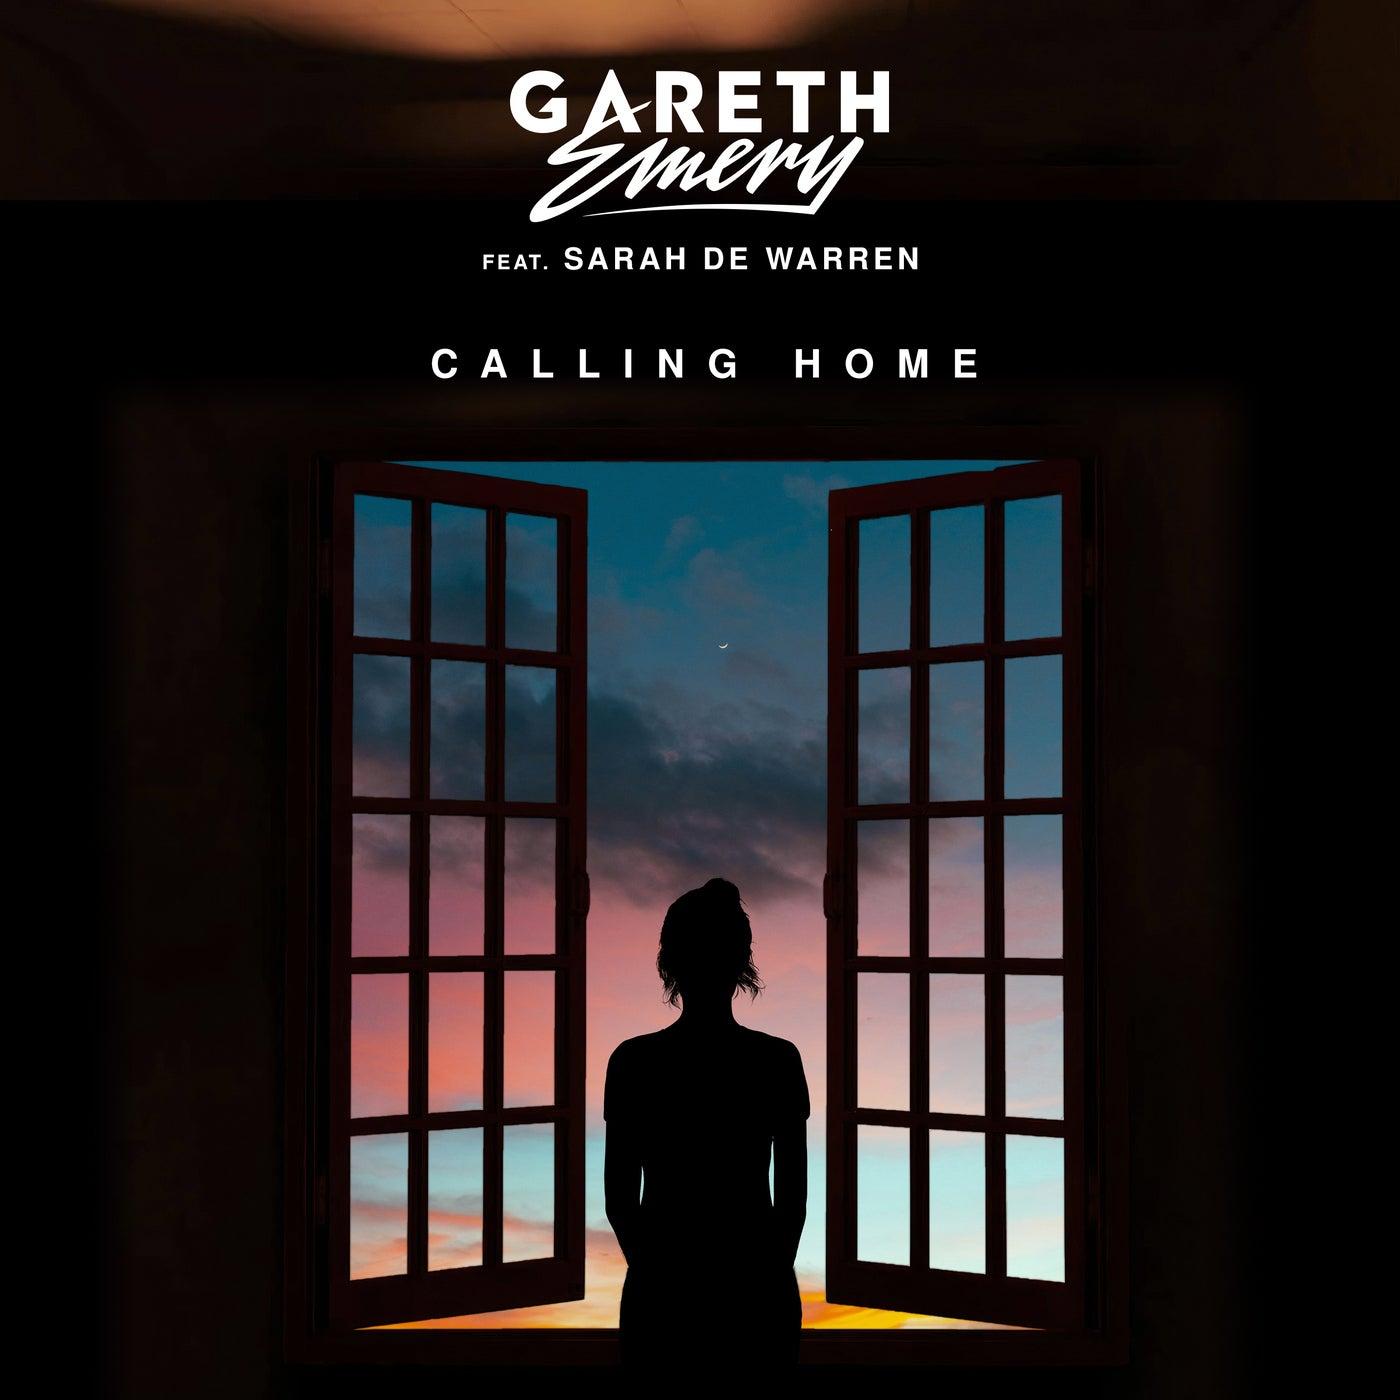 Calling Home feat. Sarah De Warren (Extended Mix)